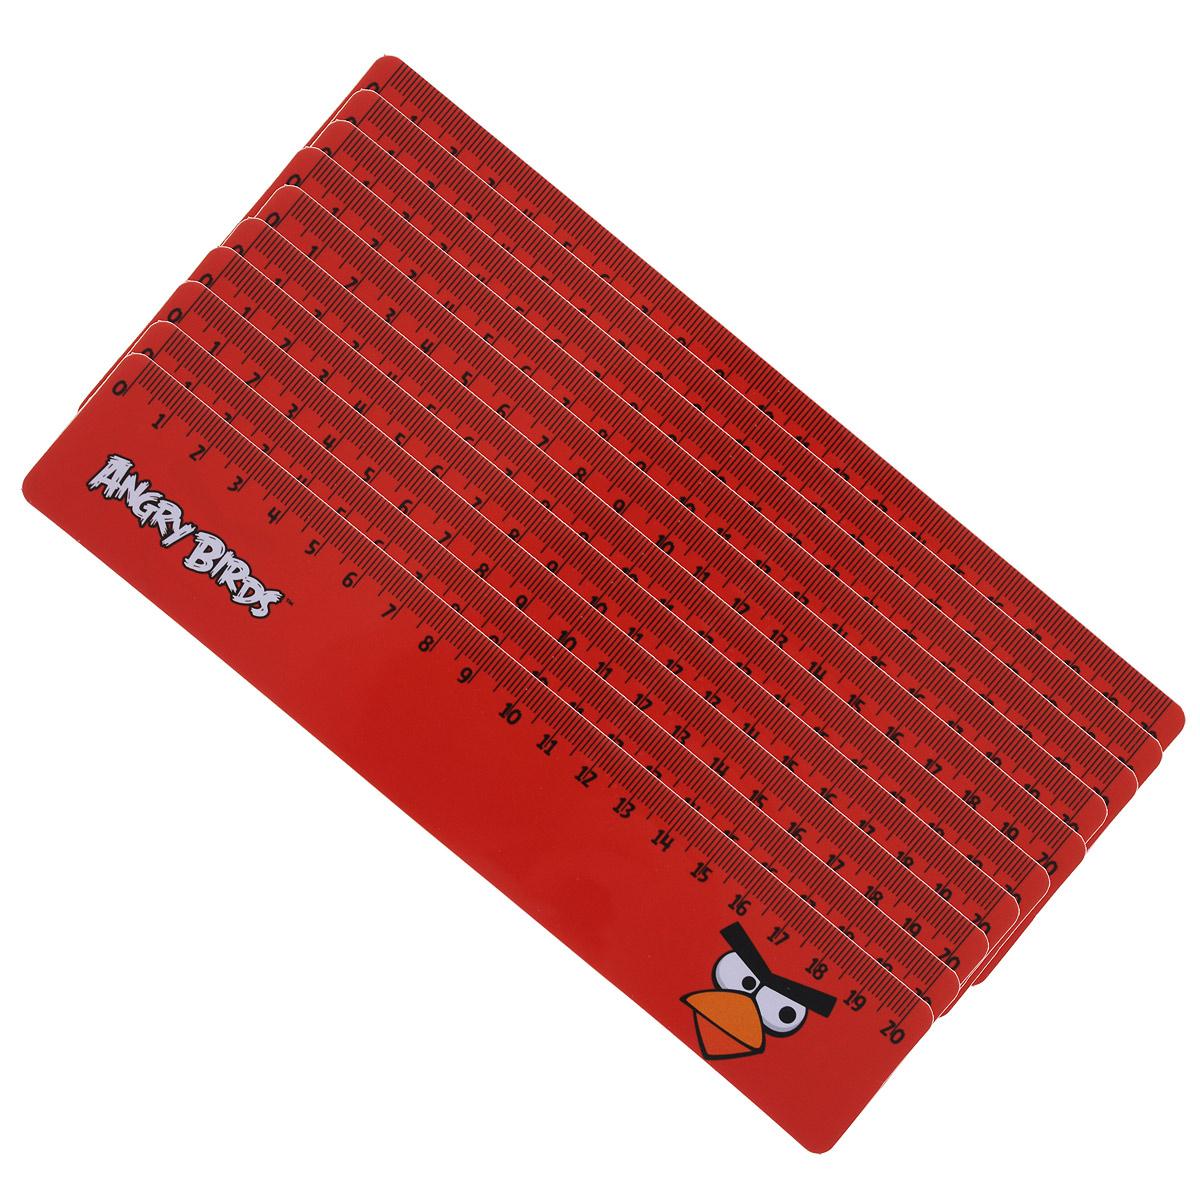 Линейка Centrum Angry Birds, 20 см, 10 шт84496ОДвухсторонняя линейка Centrum Angry Birds обязательно придется по вкусу любому поклоннику знаменитой игры Angry Birds. Она выполнена из прочного пластика красного цвета и оформлена изображением красной сердитой птички. Линейка имеет сантиметровую шкалу до 20 см. Цифры нанесены крупным шрифтом и не вызывают затруднений при чтении. В комплект входят 10 линеек. Линейка - это незаменимый атрибут, необходимый каждому школьнику или студенту, упрощающий измерение и обеспечивающий ровность проводимых линий. А с линейкой Angry birds учиться будет интересно и весело!